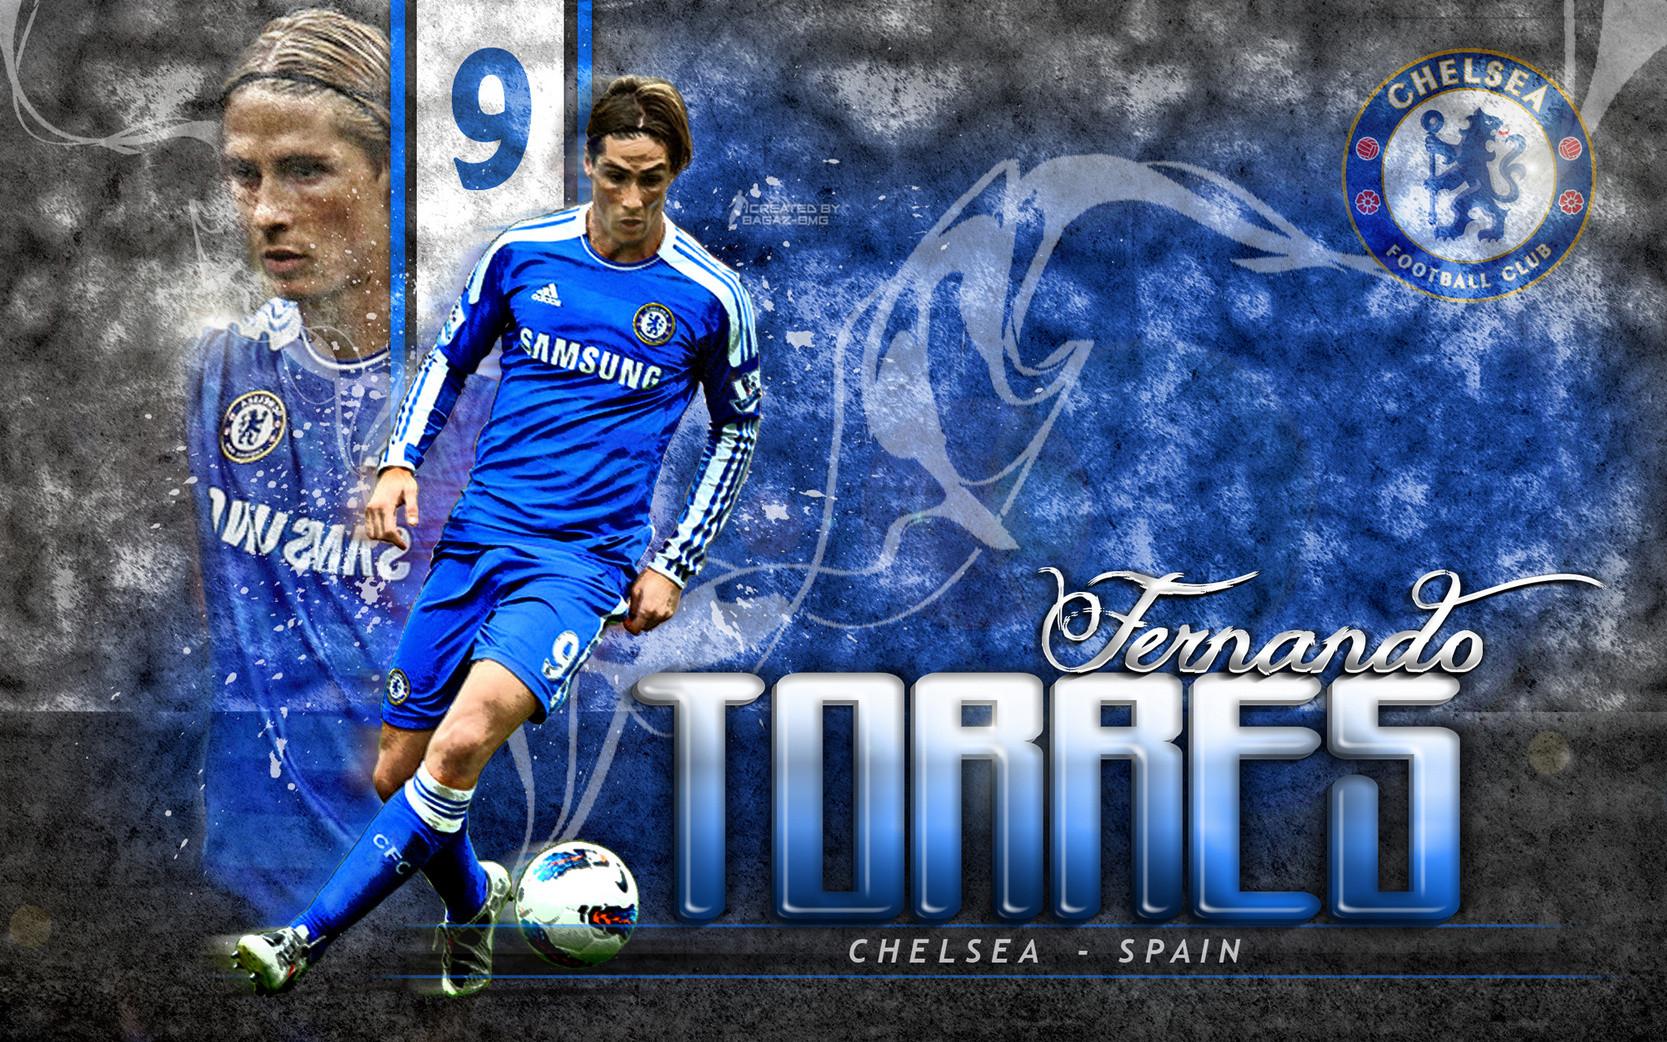 Fernando Torres Wallpapers Chelsea 2015 1667x1042